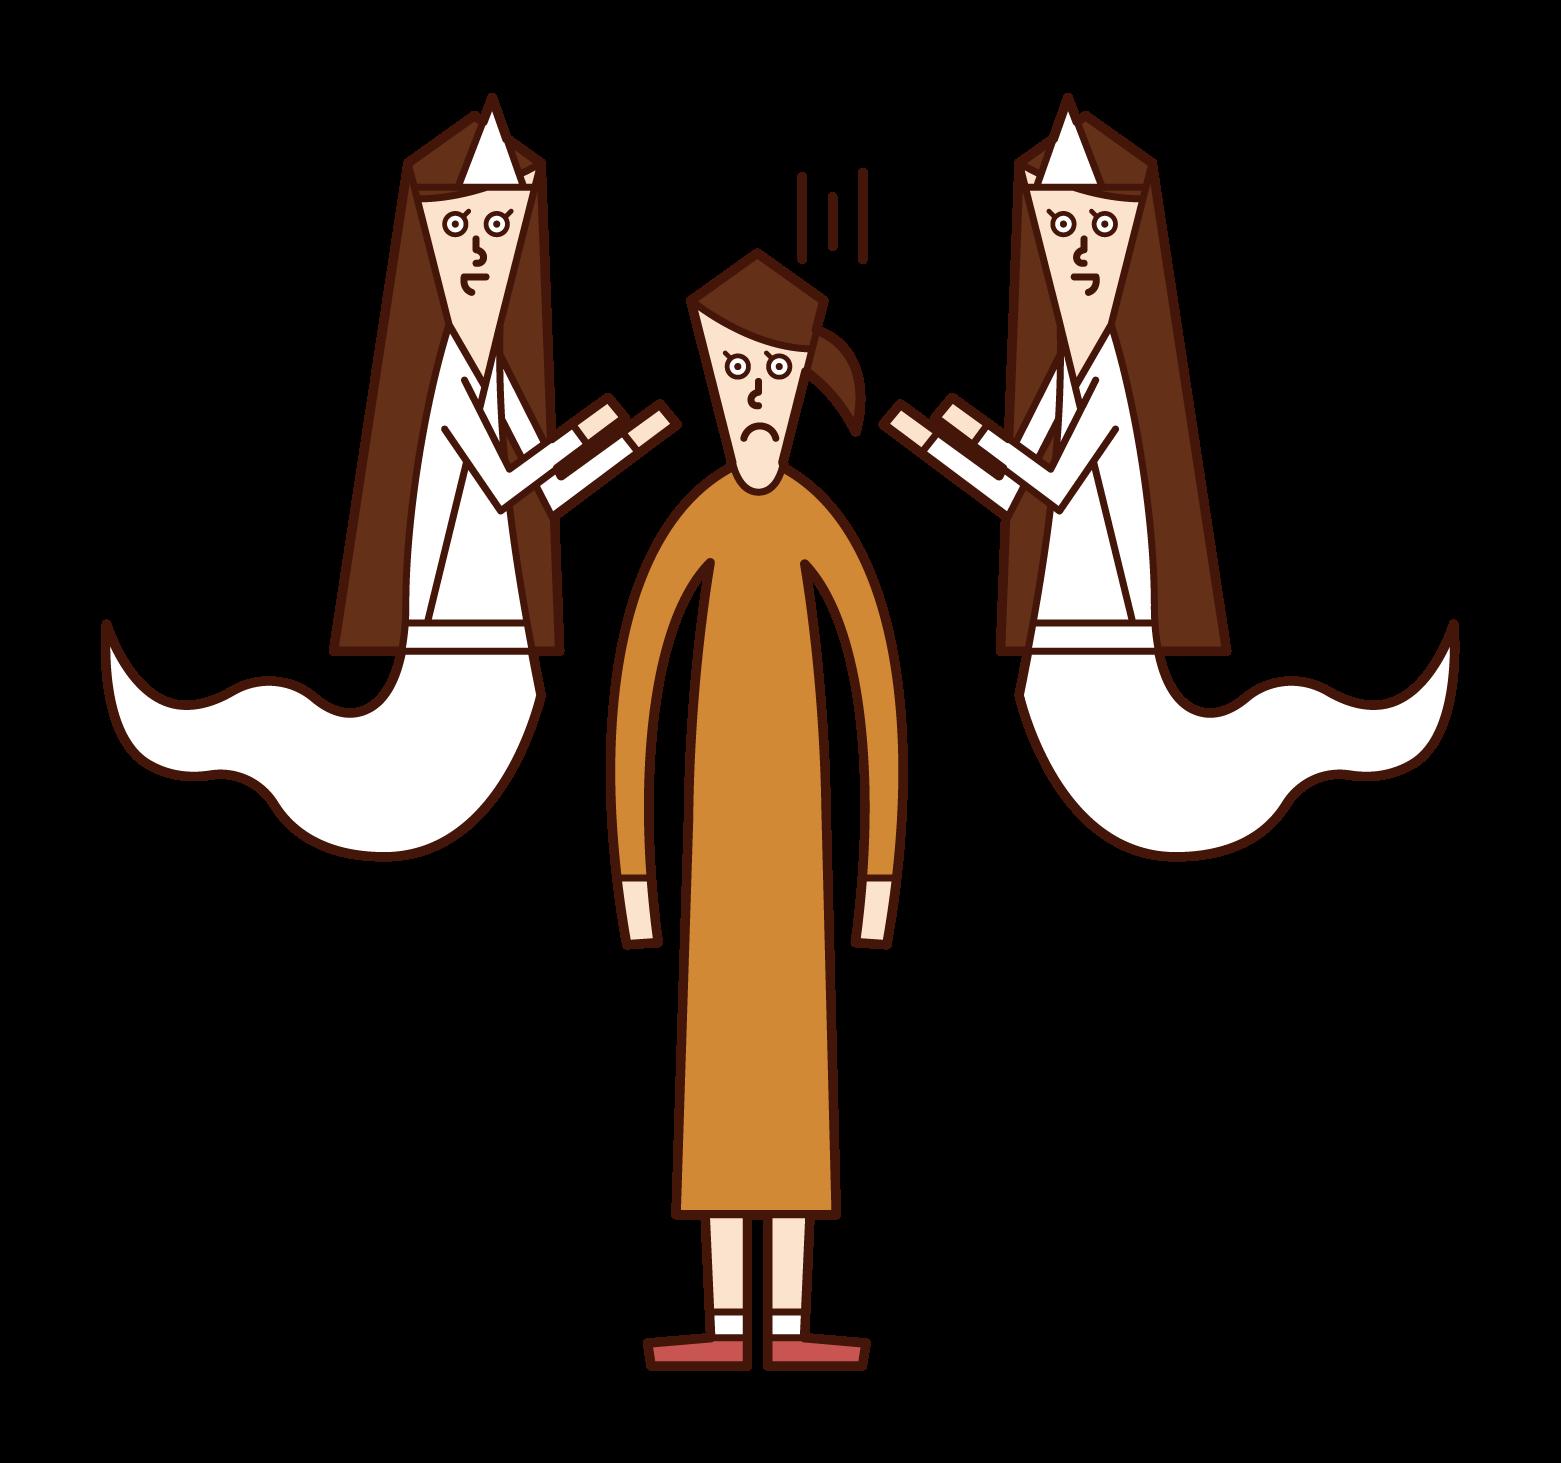 沢山の幽霊に取り憑かれている人(女性)のイラスト